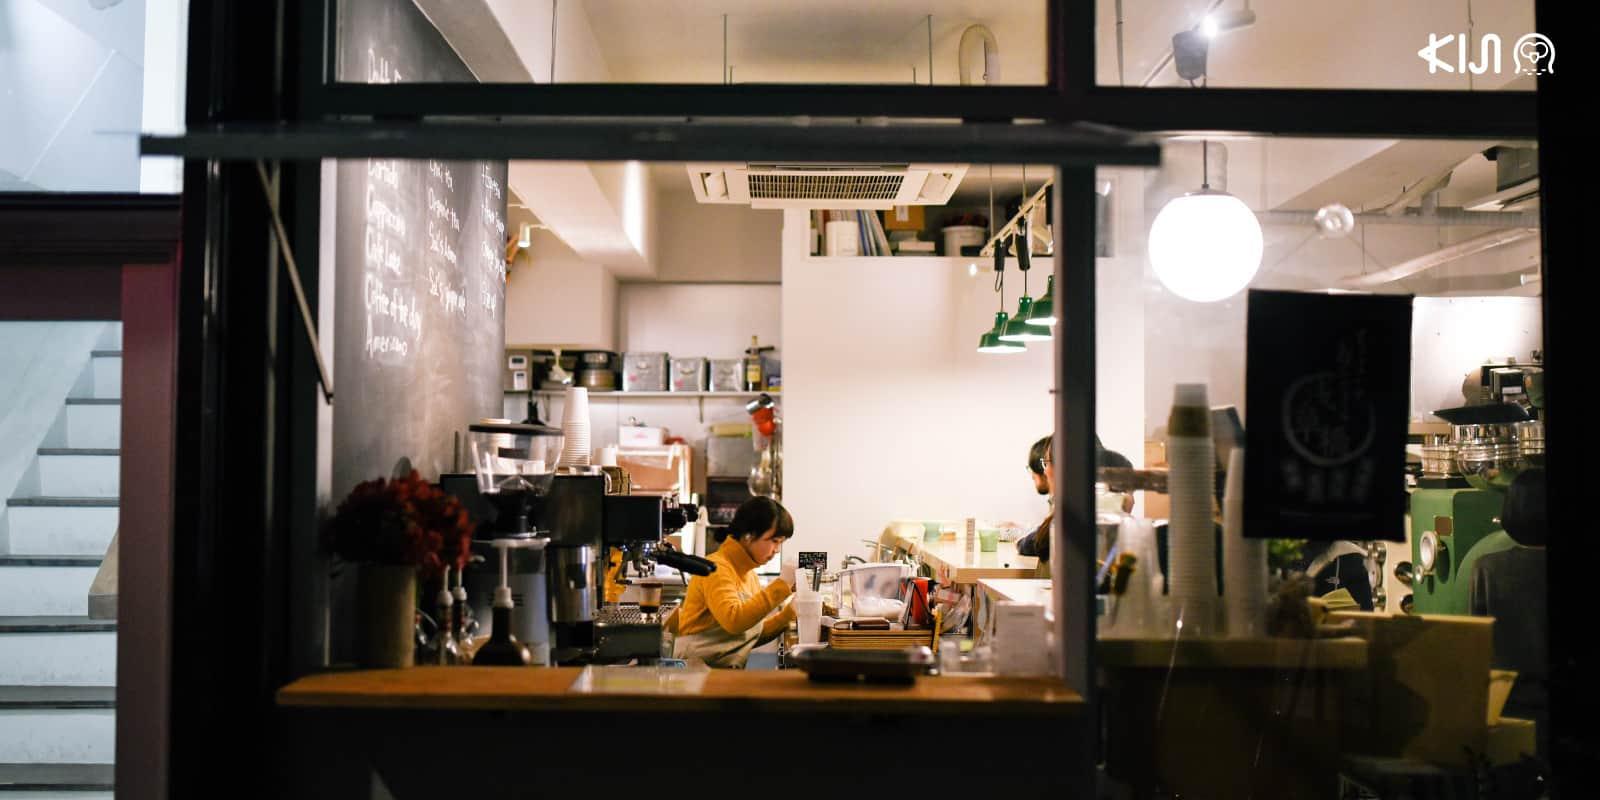 SOL'S COFFEE ร้านกาแฟคั่วเองเล็กๆ ในย่านคุรามาเอะ กรุงโตเกียว